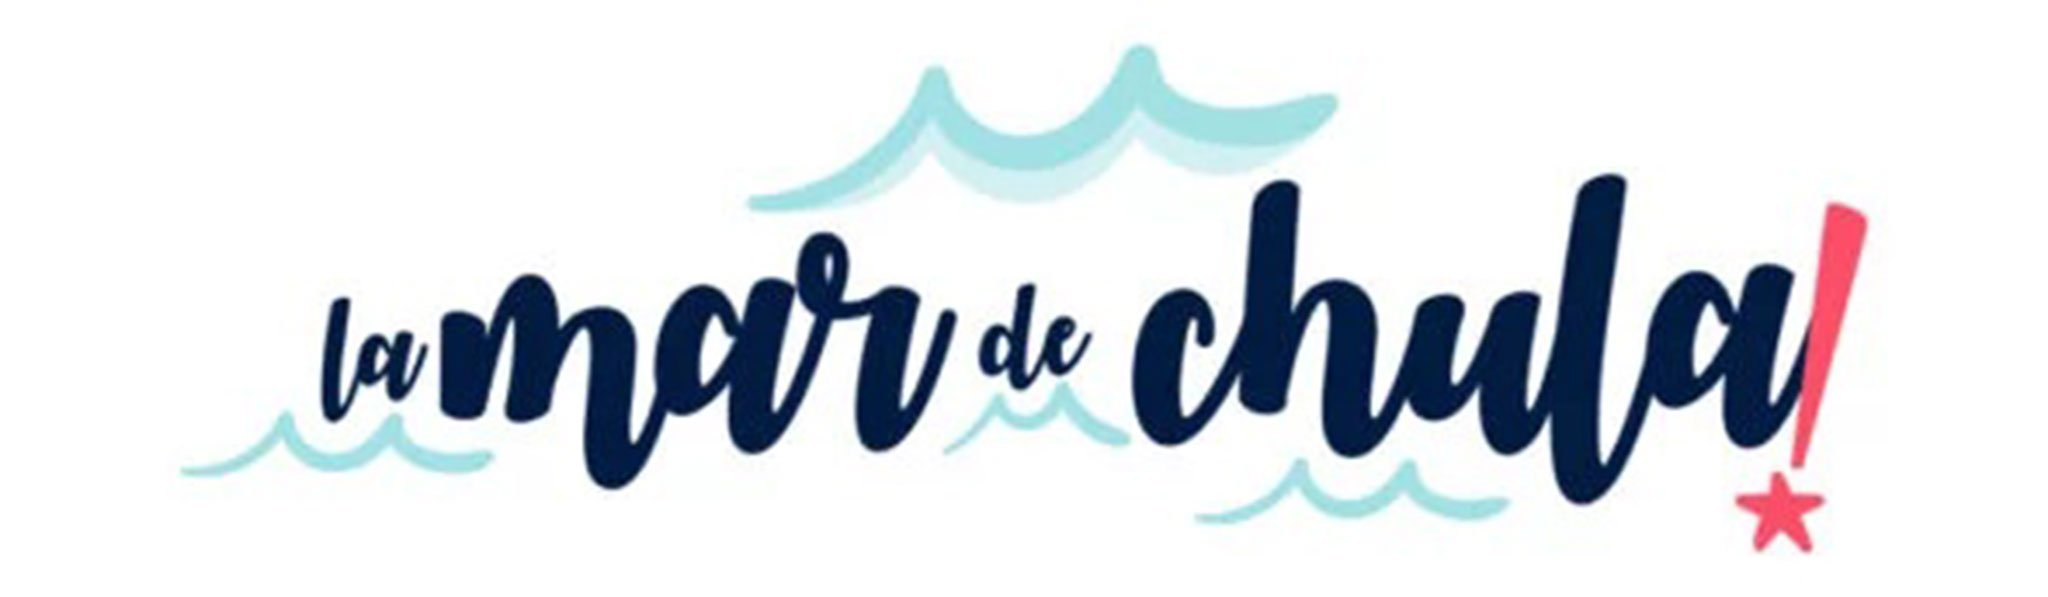 Logotipo de La Mar de Chula